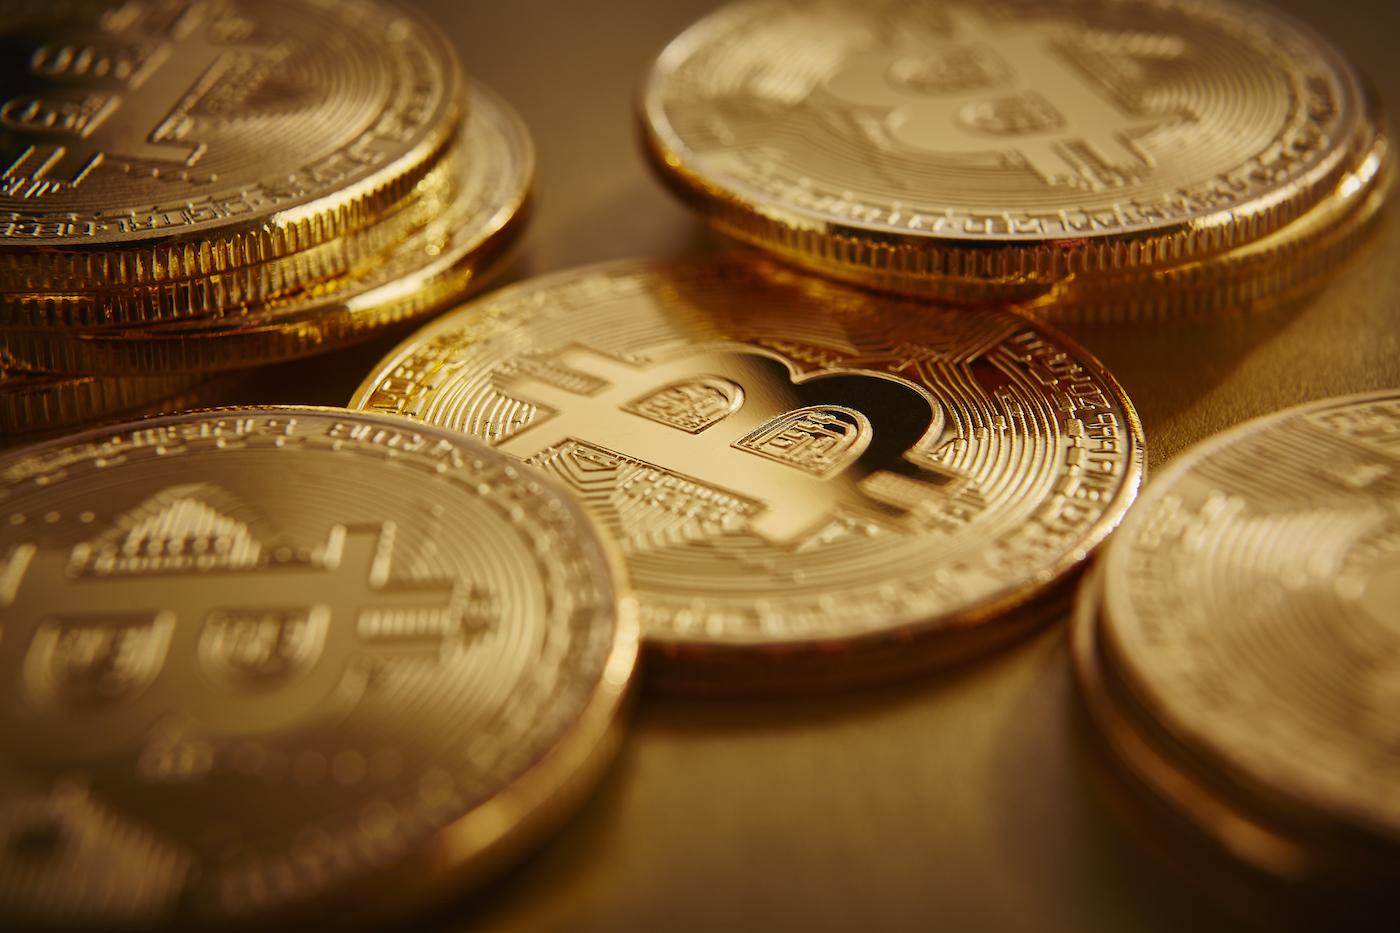 borsalardan cekilen bitcoin sayisi artis gosteriyor